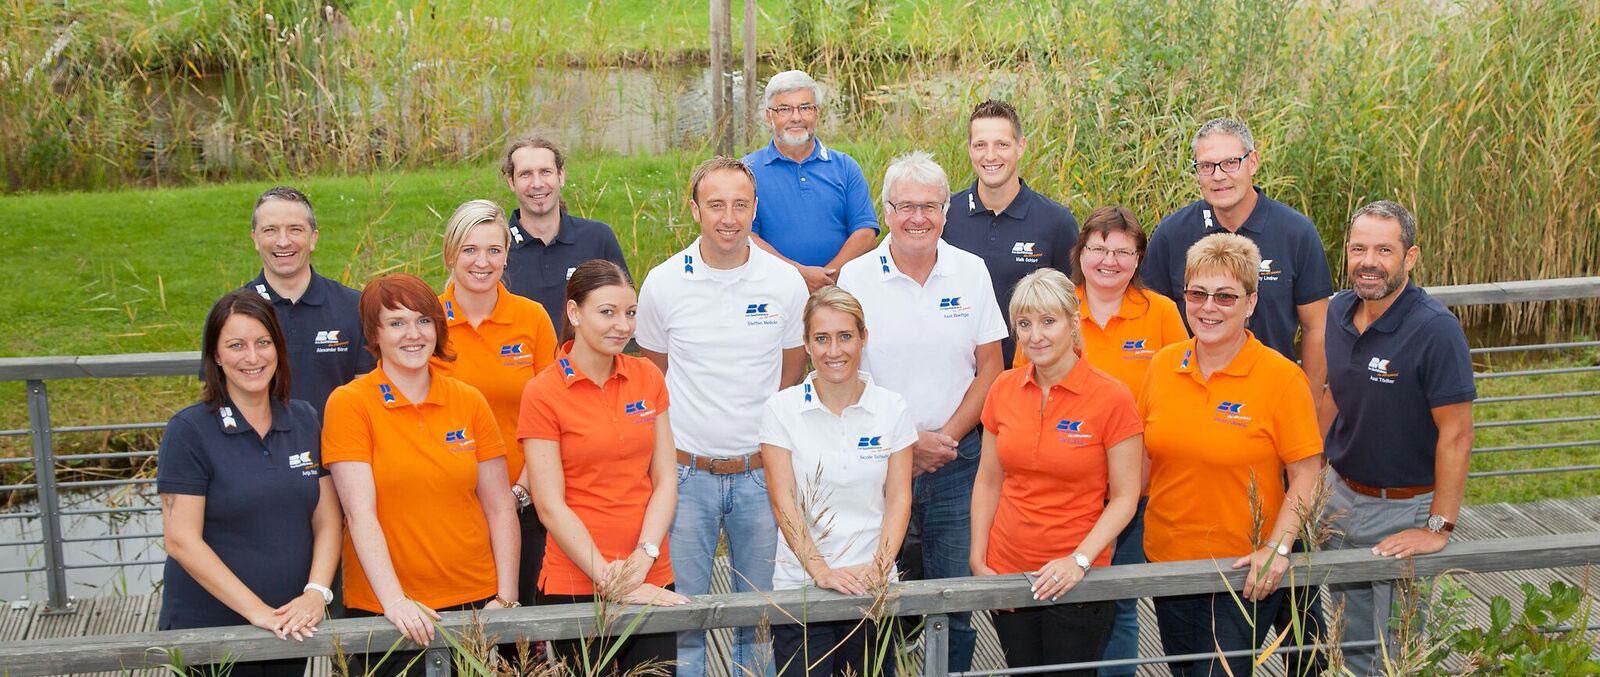 Team-auf-Brucke